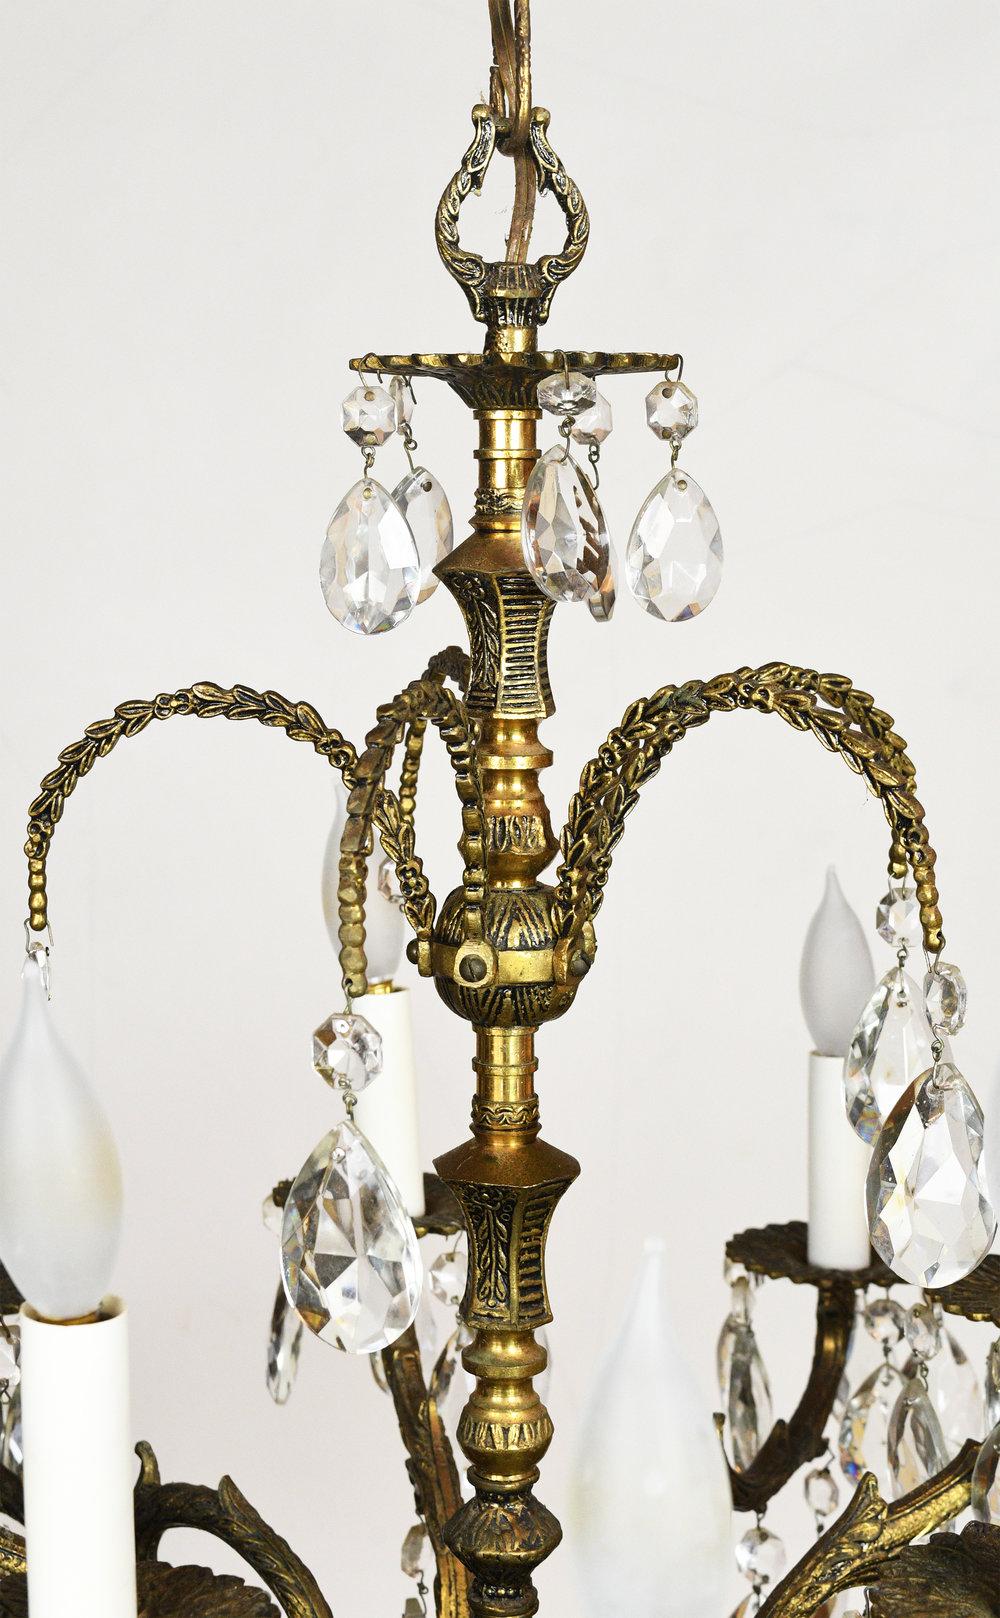 47791-10-arm-crystal-shapnish-chandelier-11.jpg